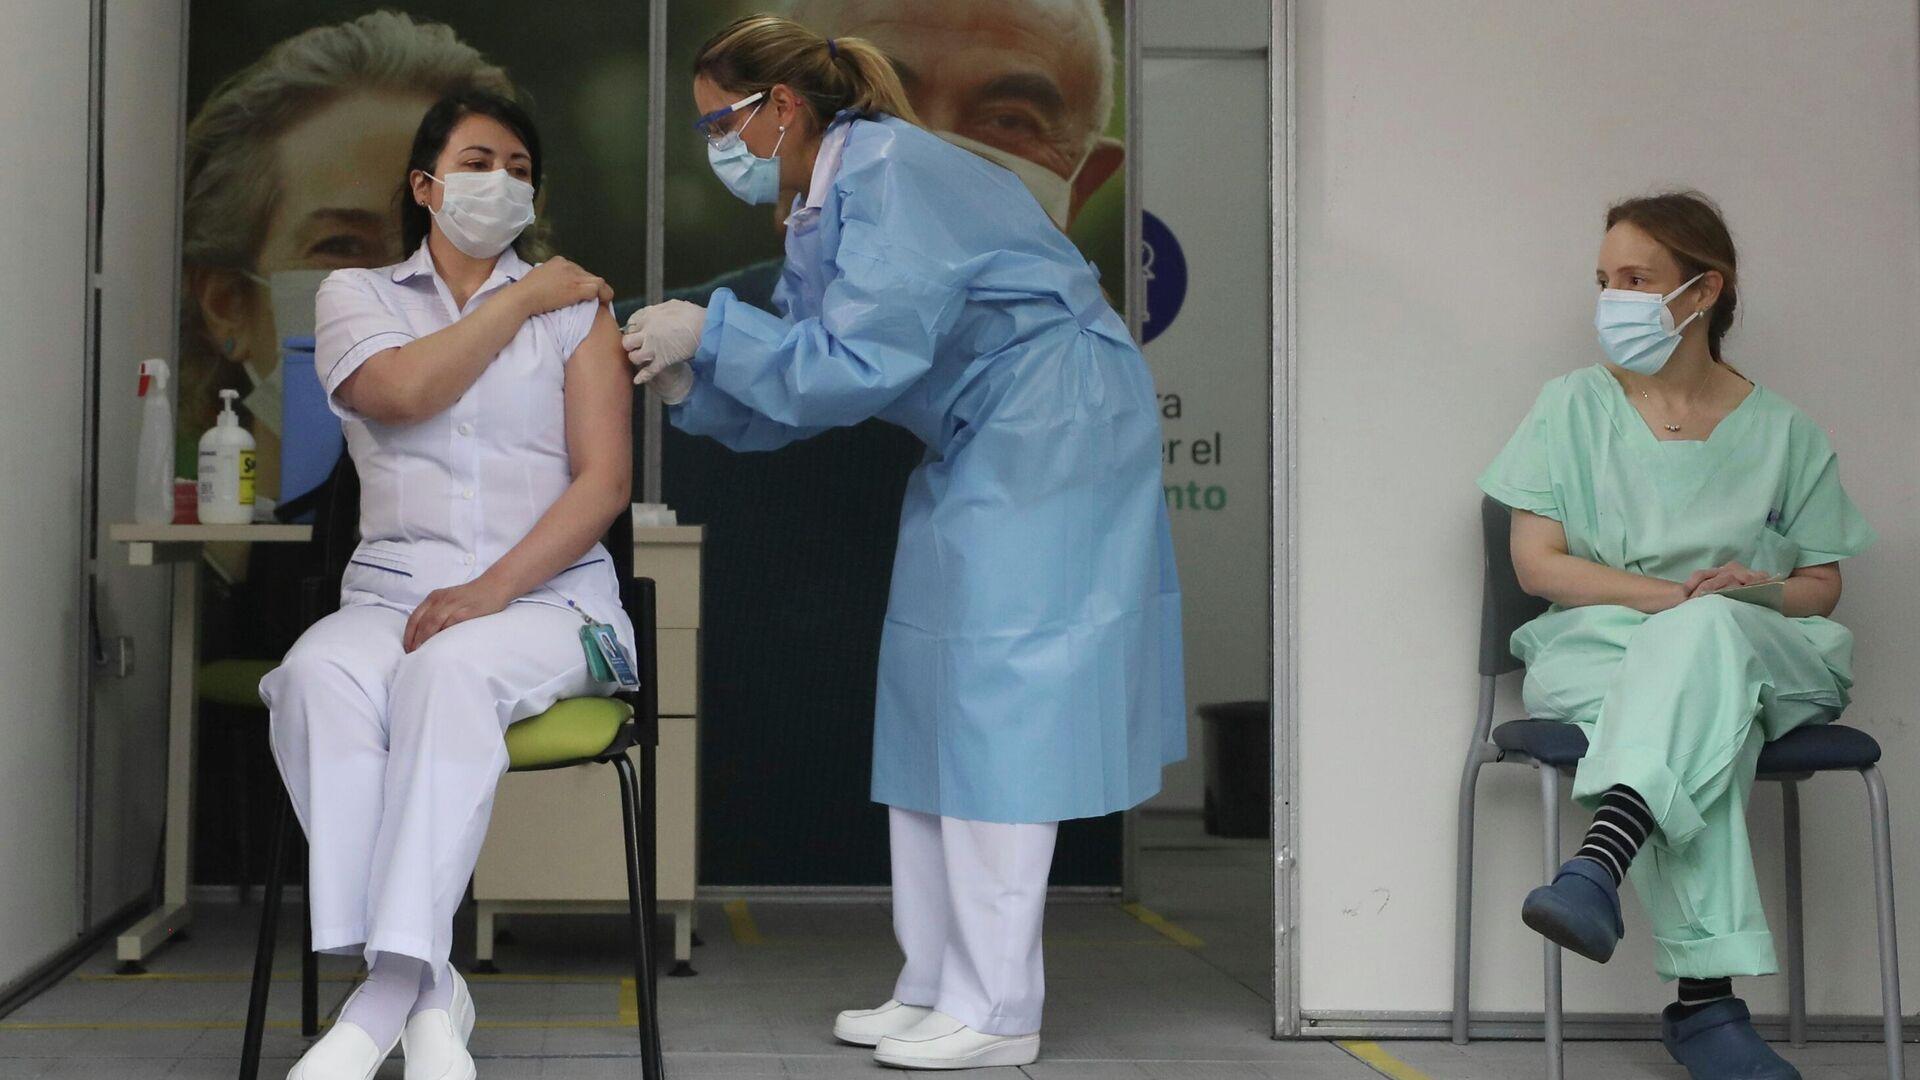 Vacunación en Colombia - Sputnik Mundo, 1920, 24.07.2021